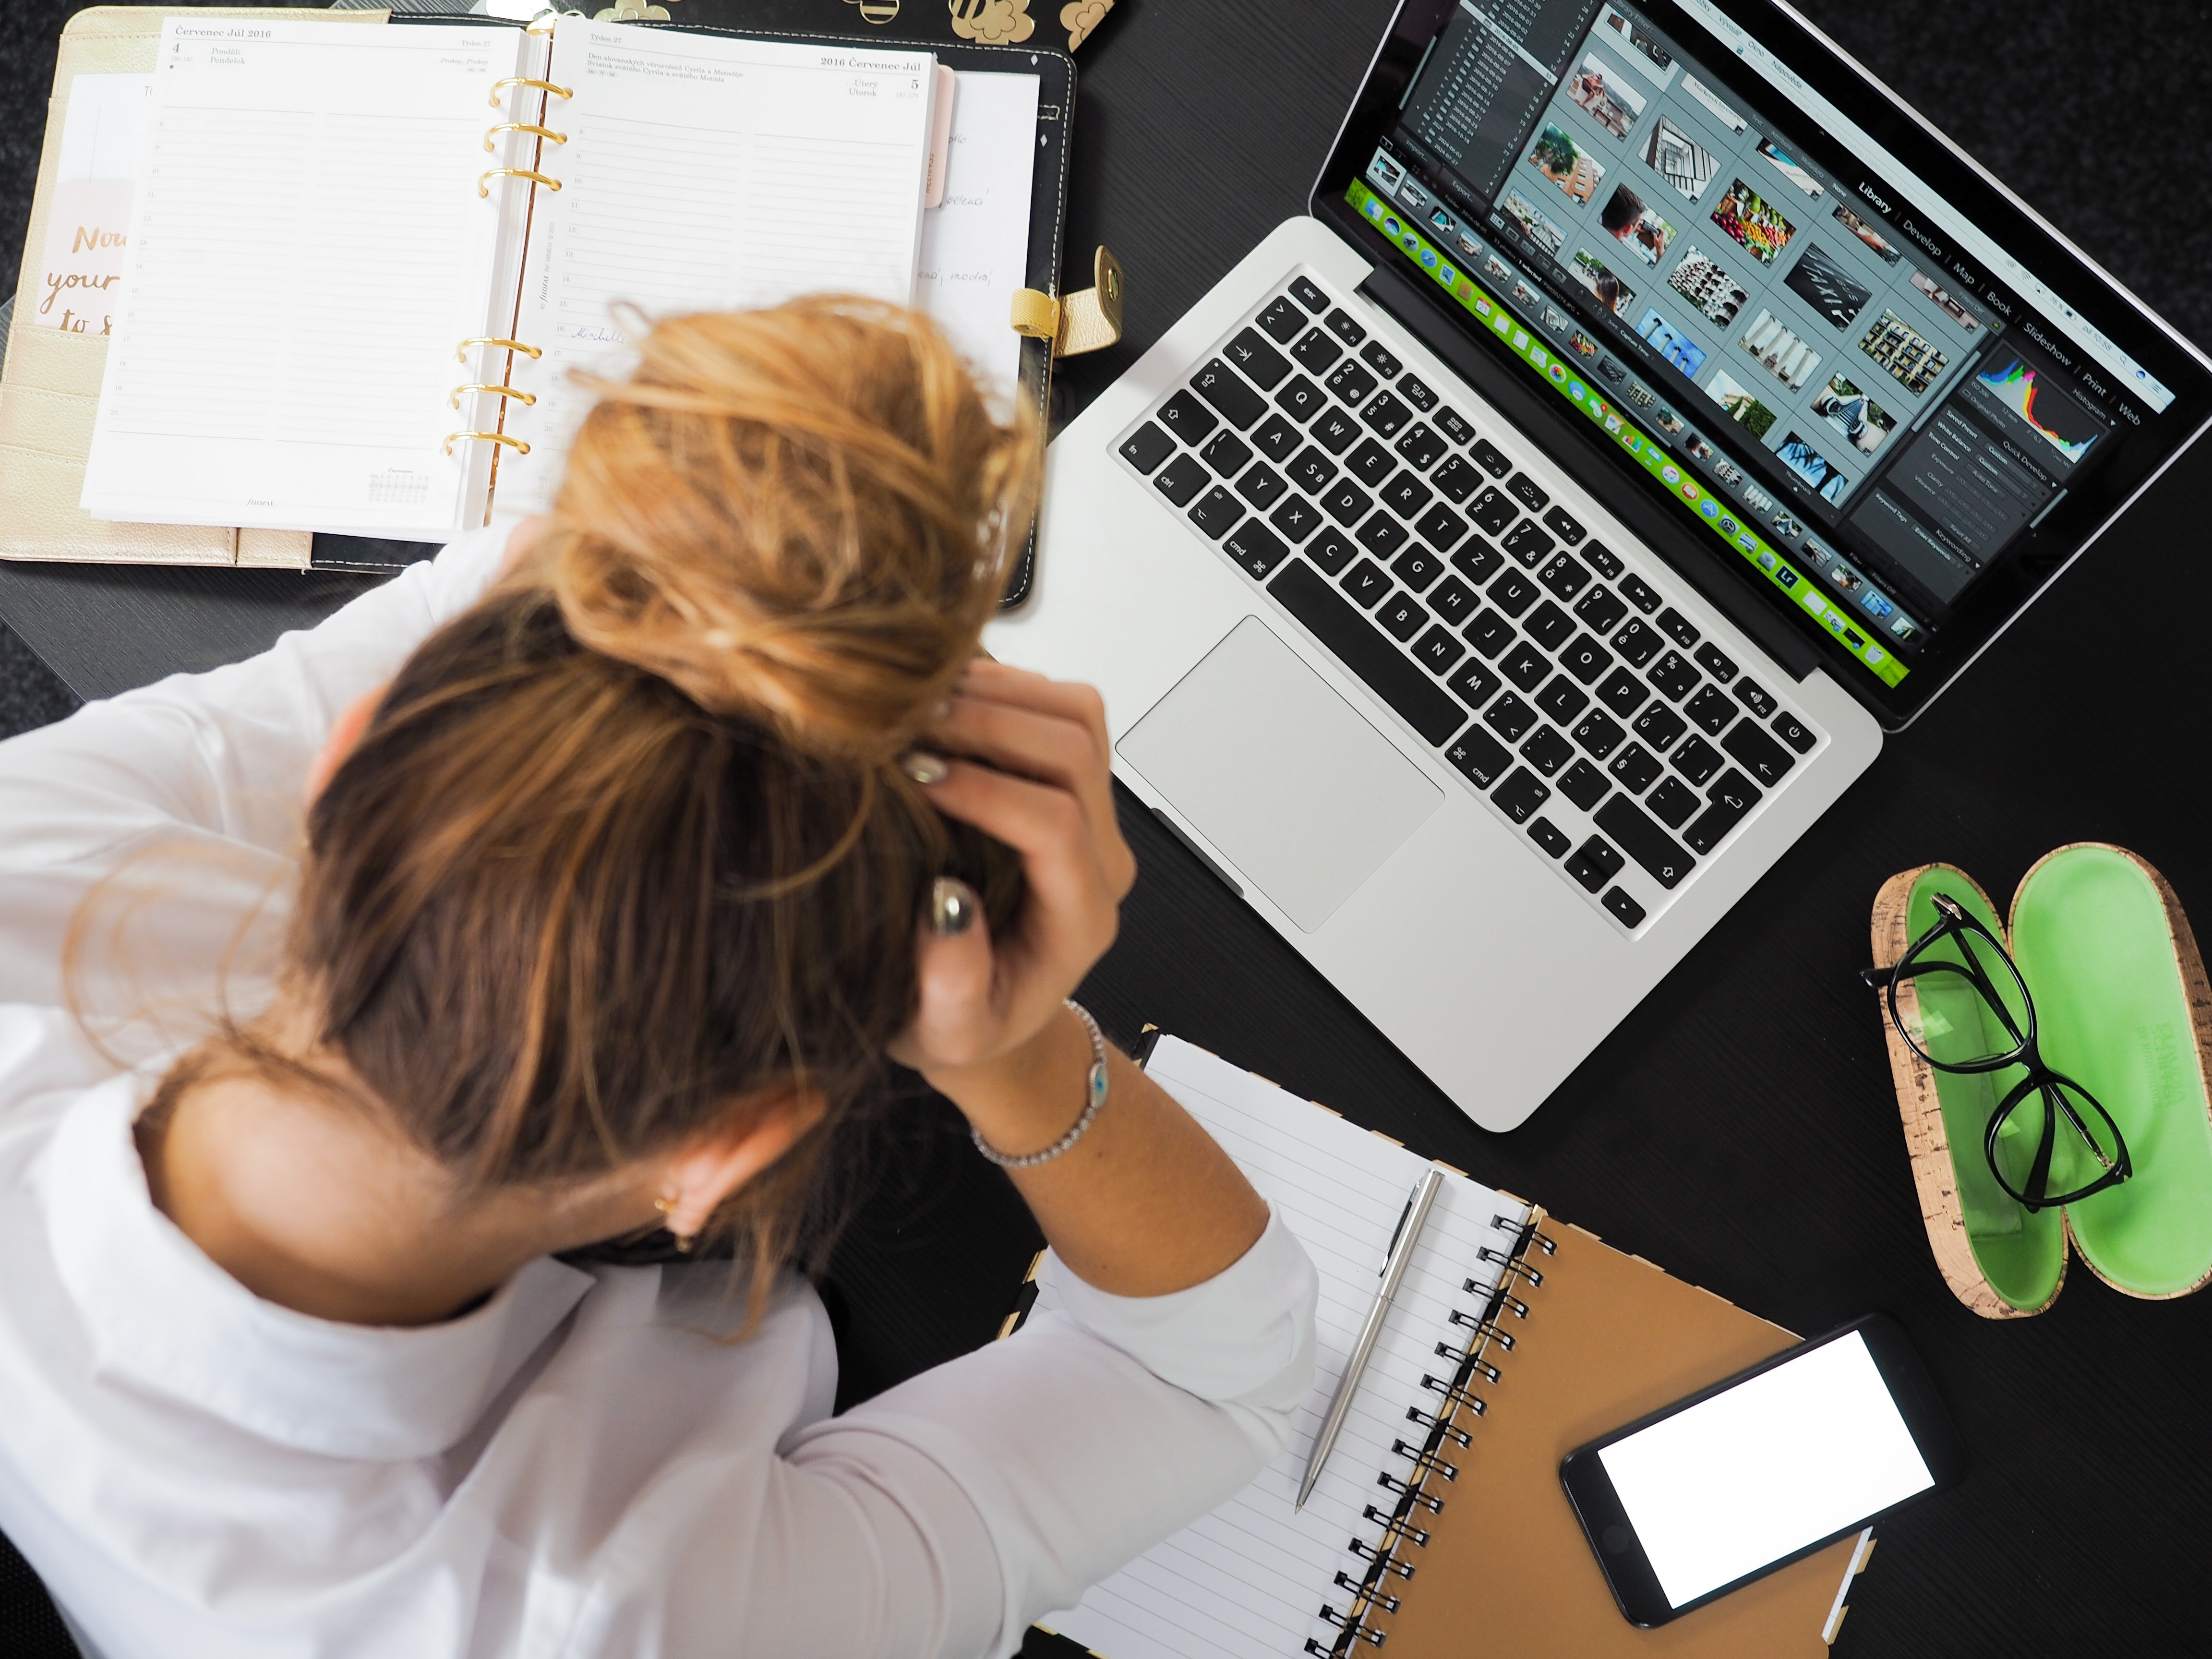 working-too-many-hours-week